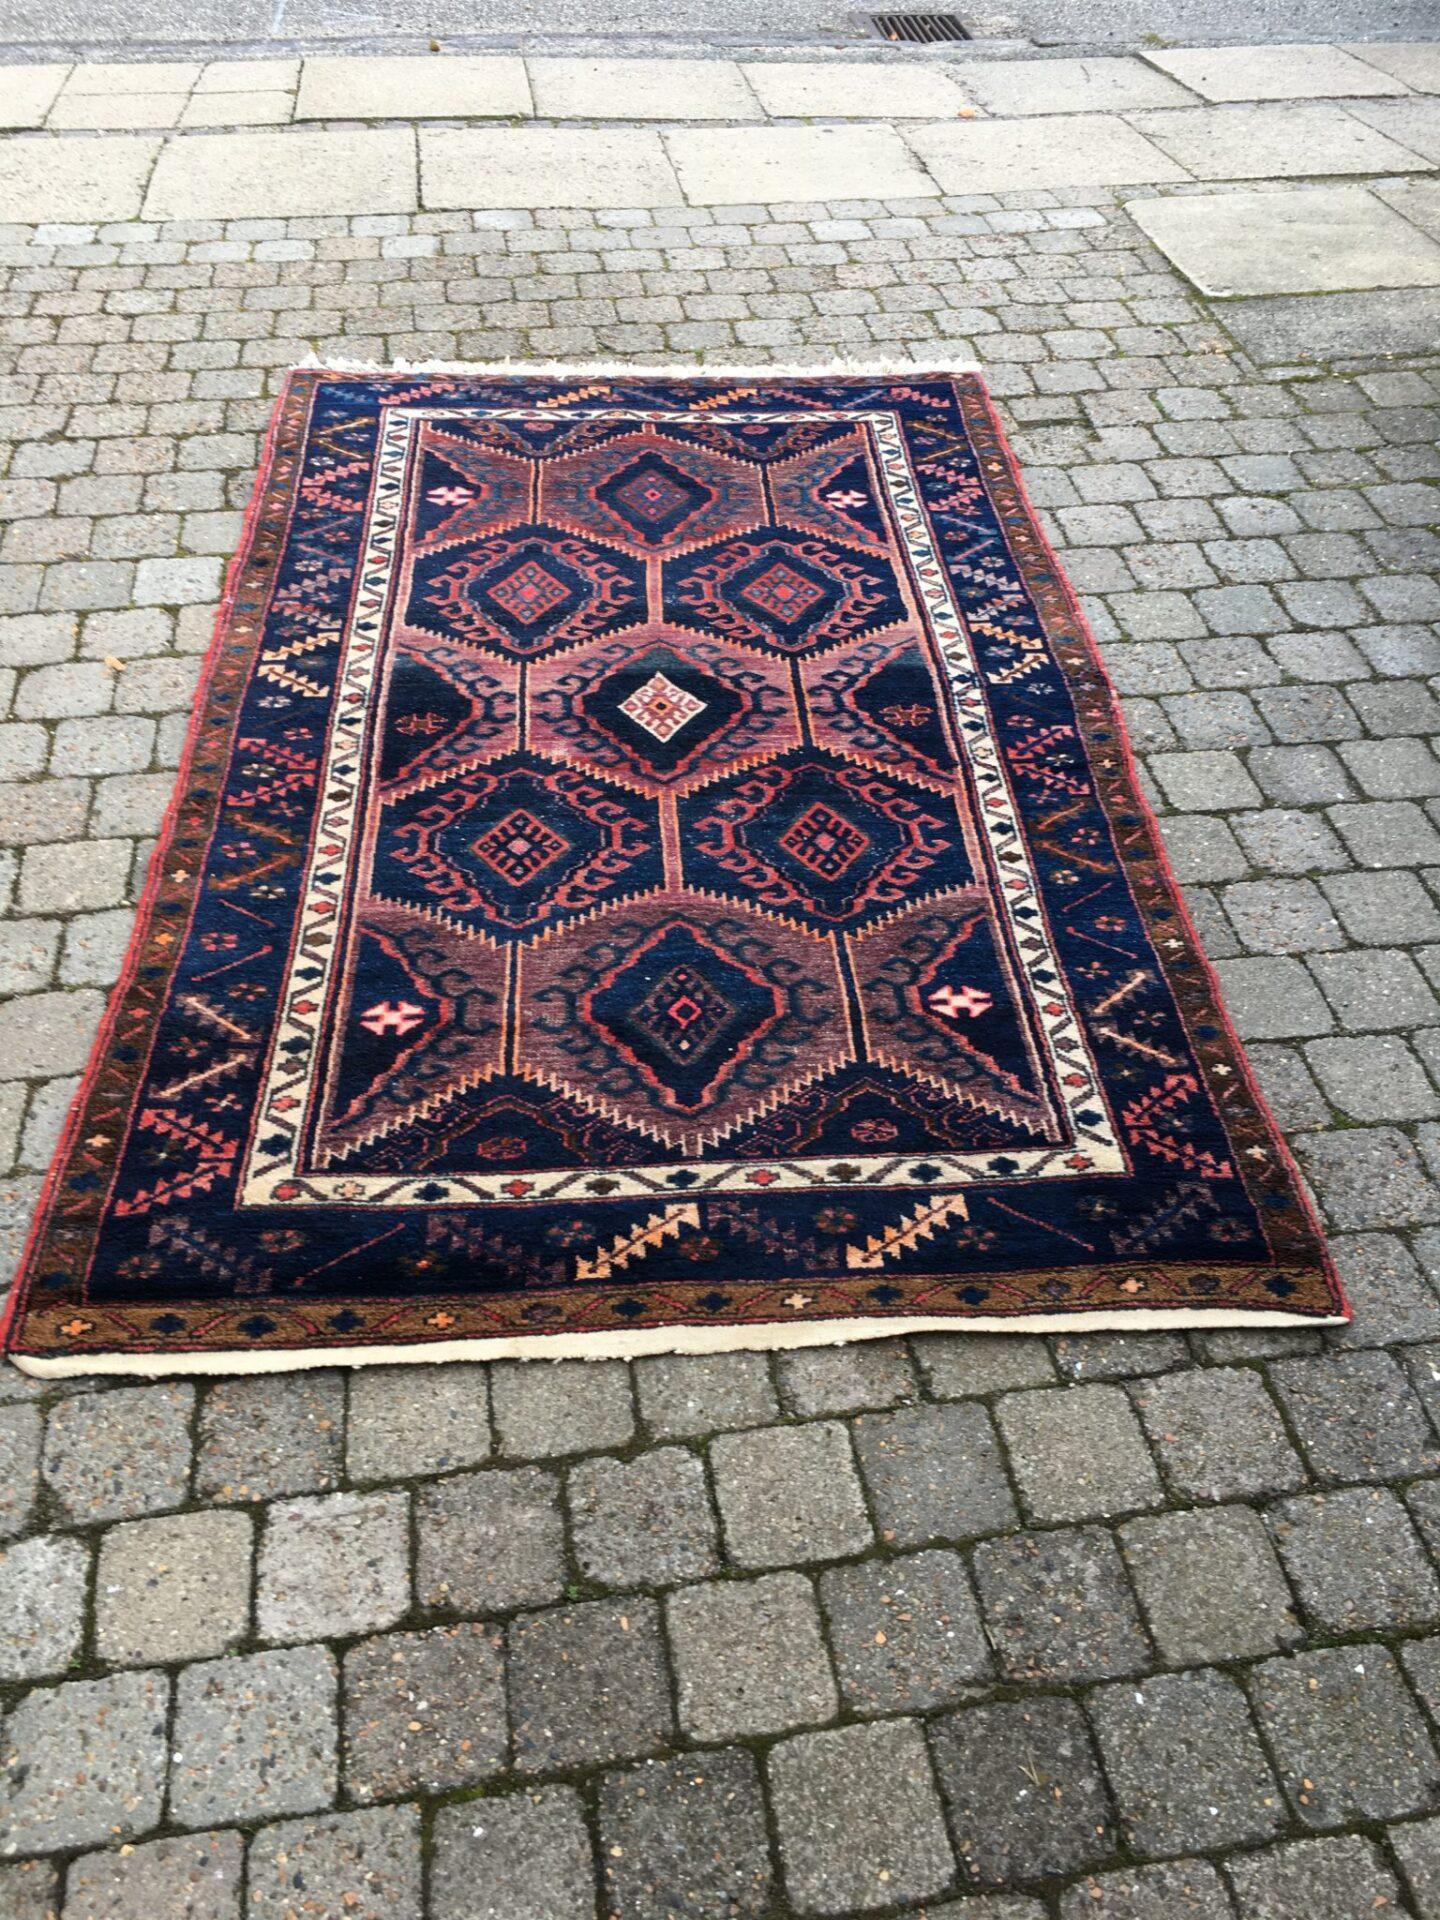 Ægte tæppe, 1,35 x 2,15 m, pris 1200 kr.